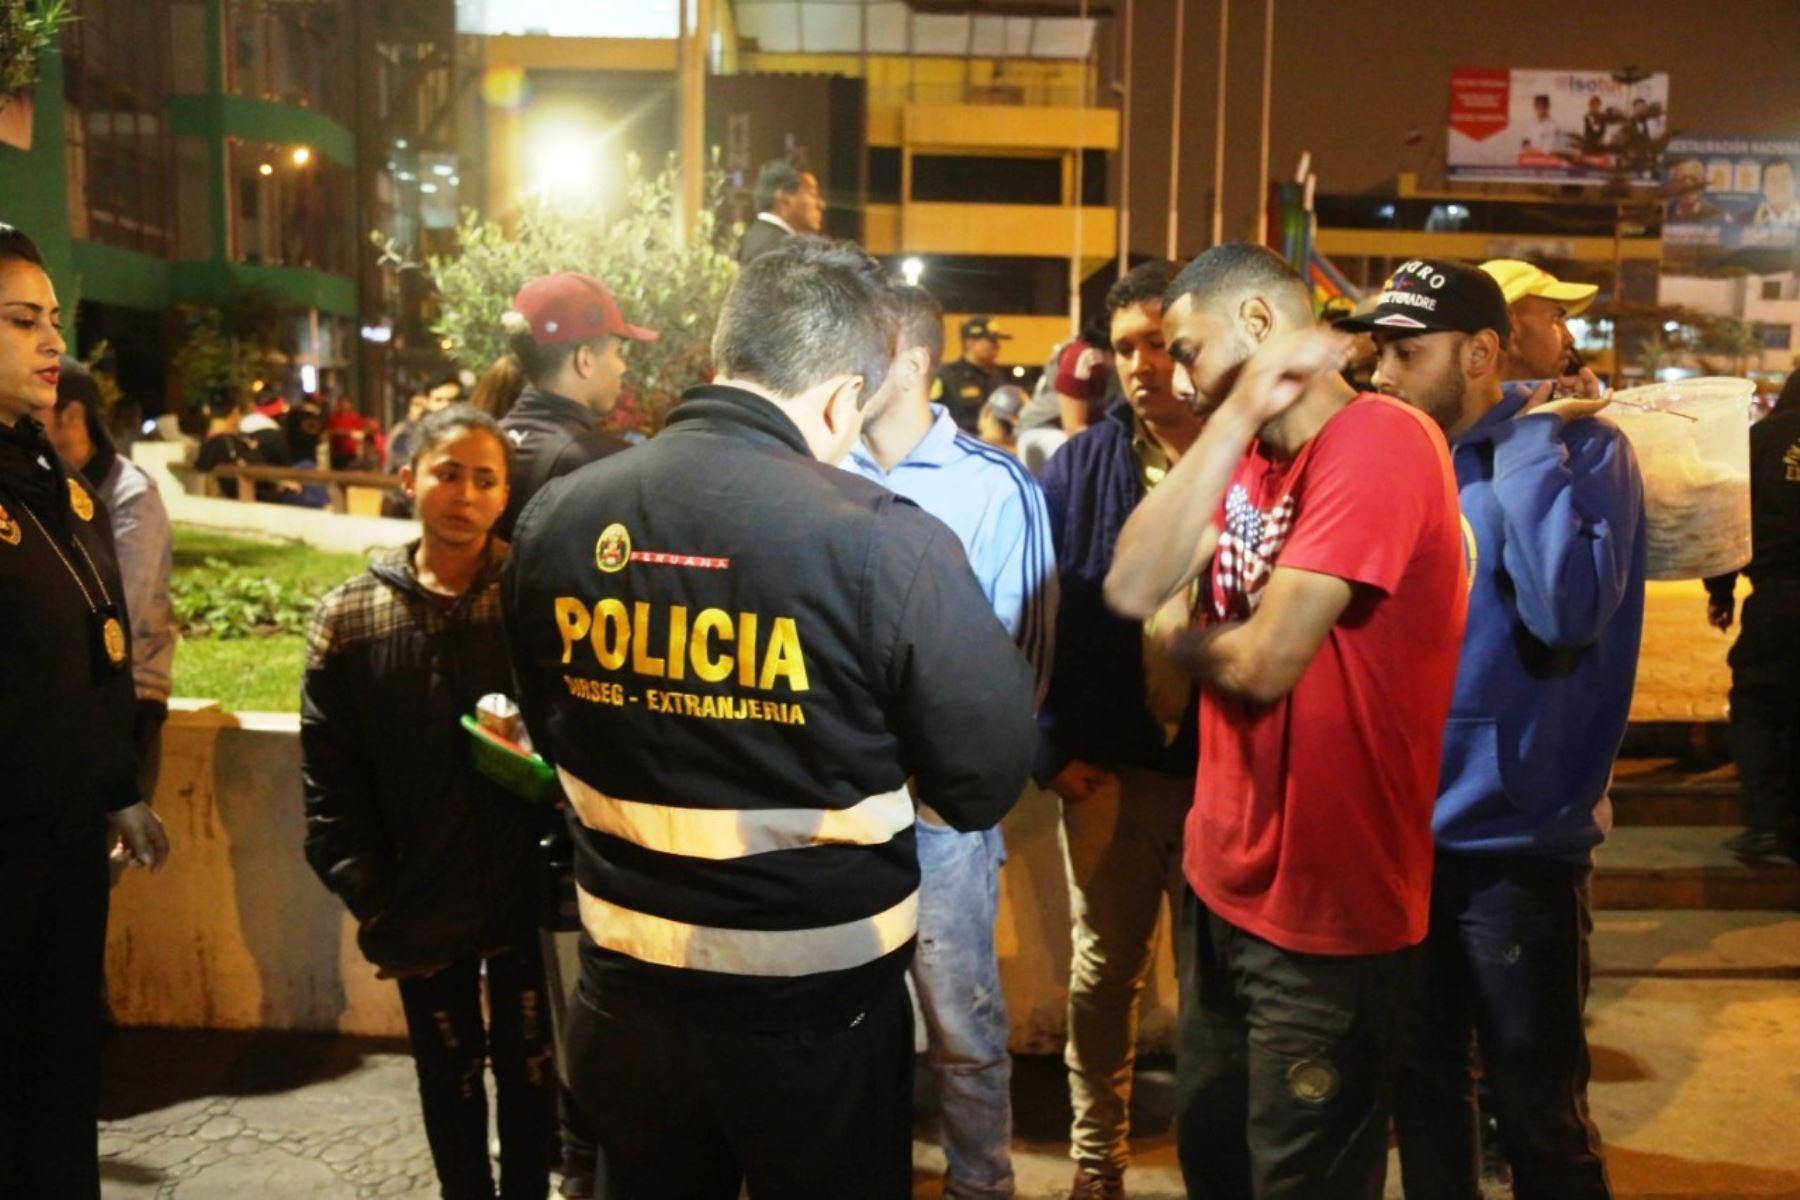 Policía y Migraciones realizaron operativo de fiscalización a extranjeros en Los Olivos. Foto: ANDINA/Difusión.